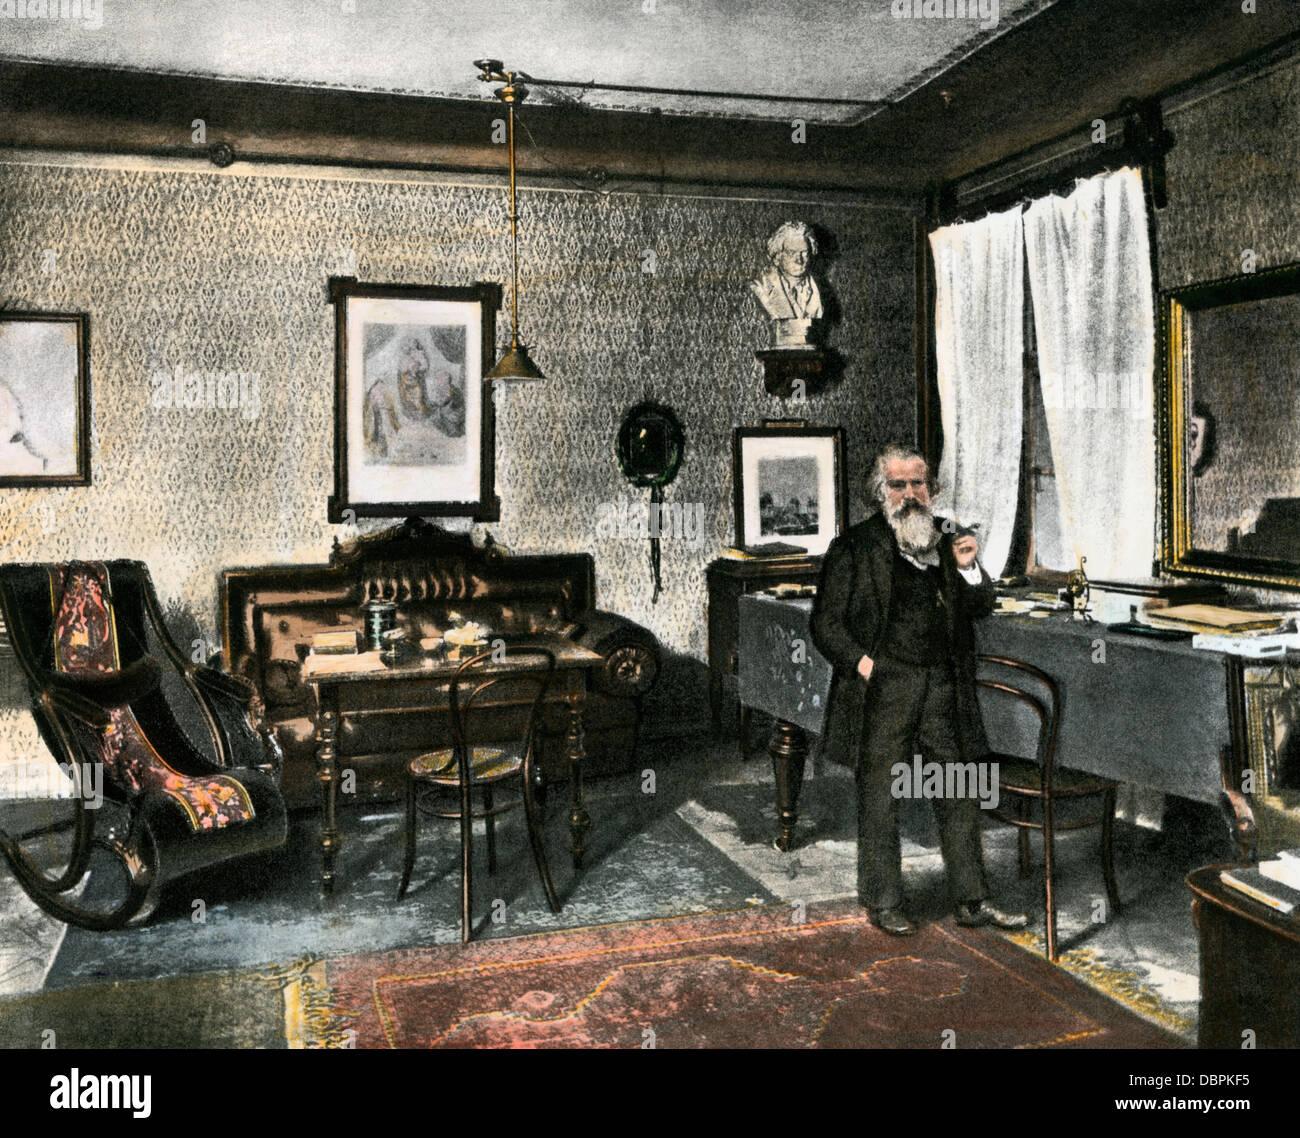 Johannes Brahms dans son étude, Vienne, 1800. Demi-teinte à la main, reproduction d'une photographie Banque D'Images